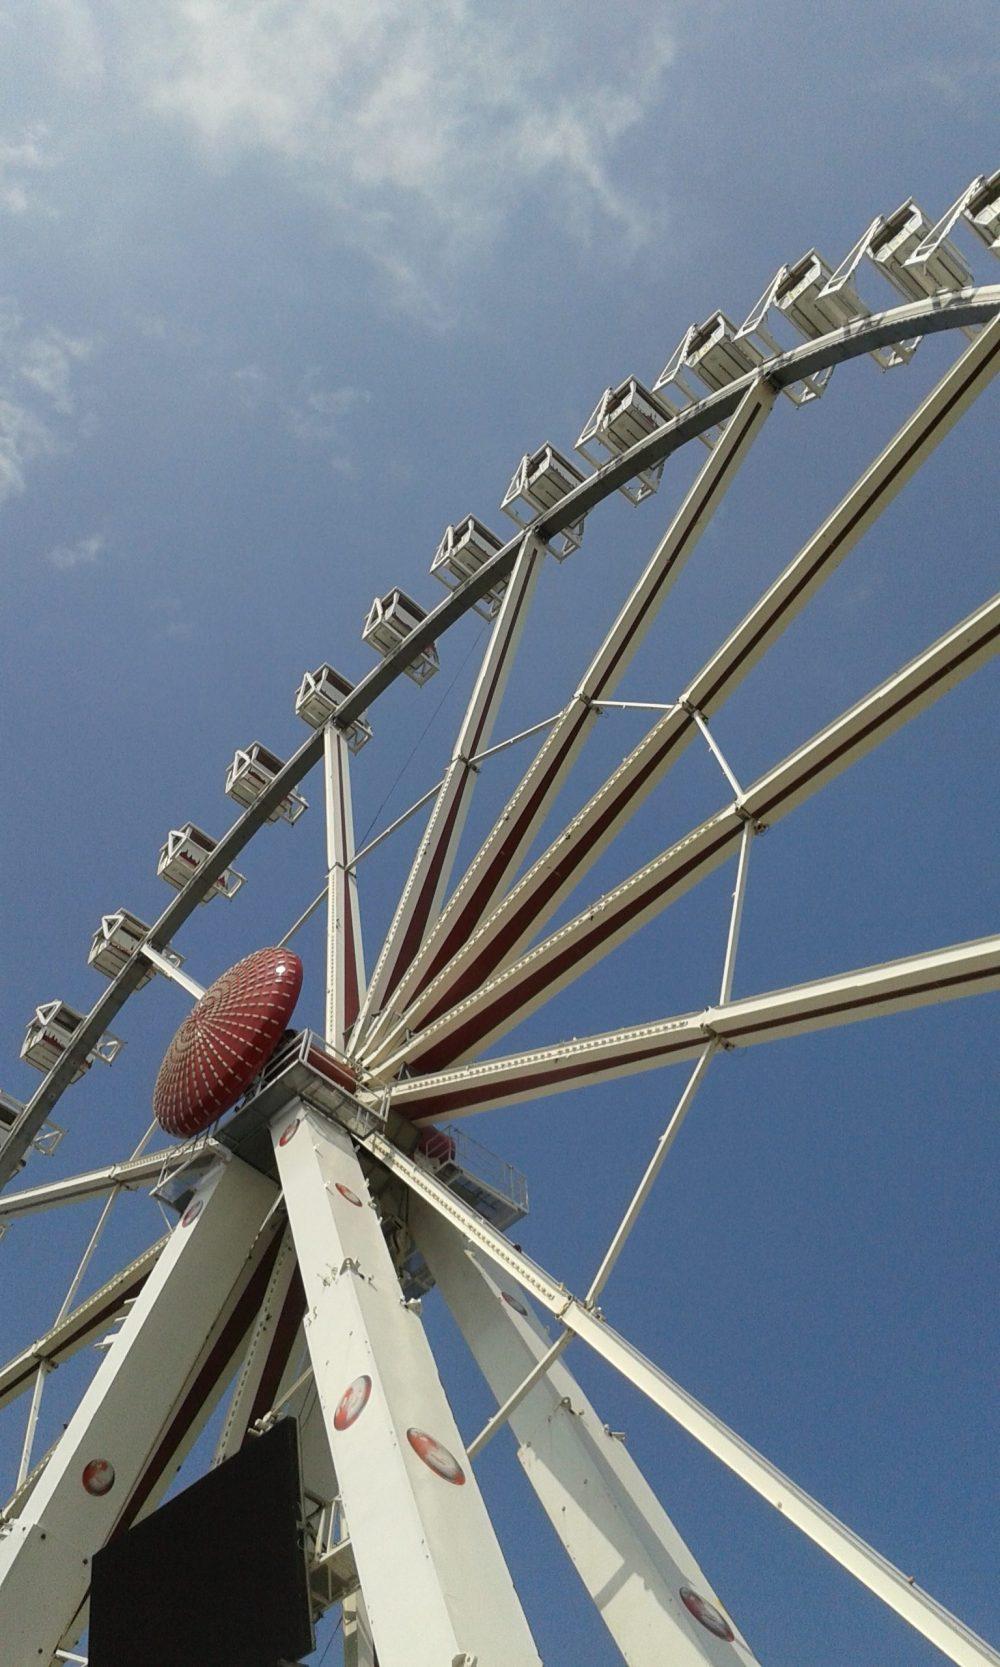 Sommer an der Ostsee, Riesenrad vor blauem Himmel